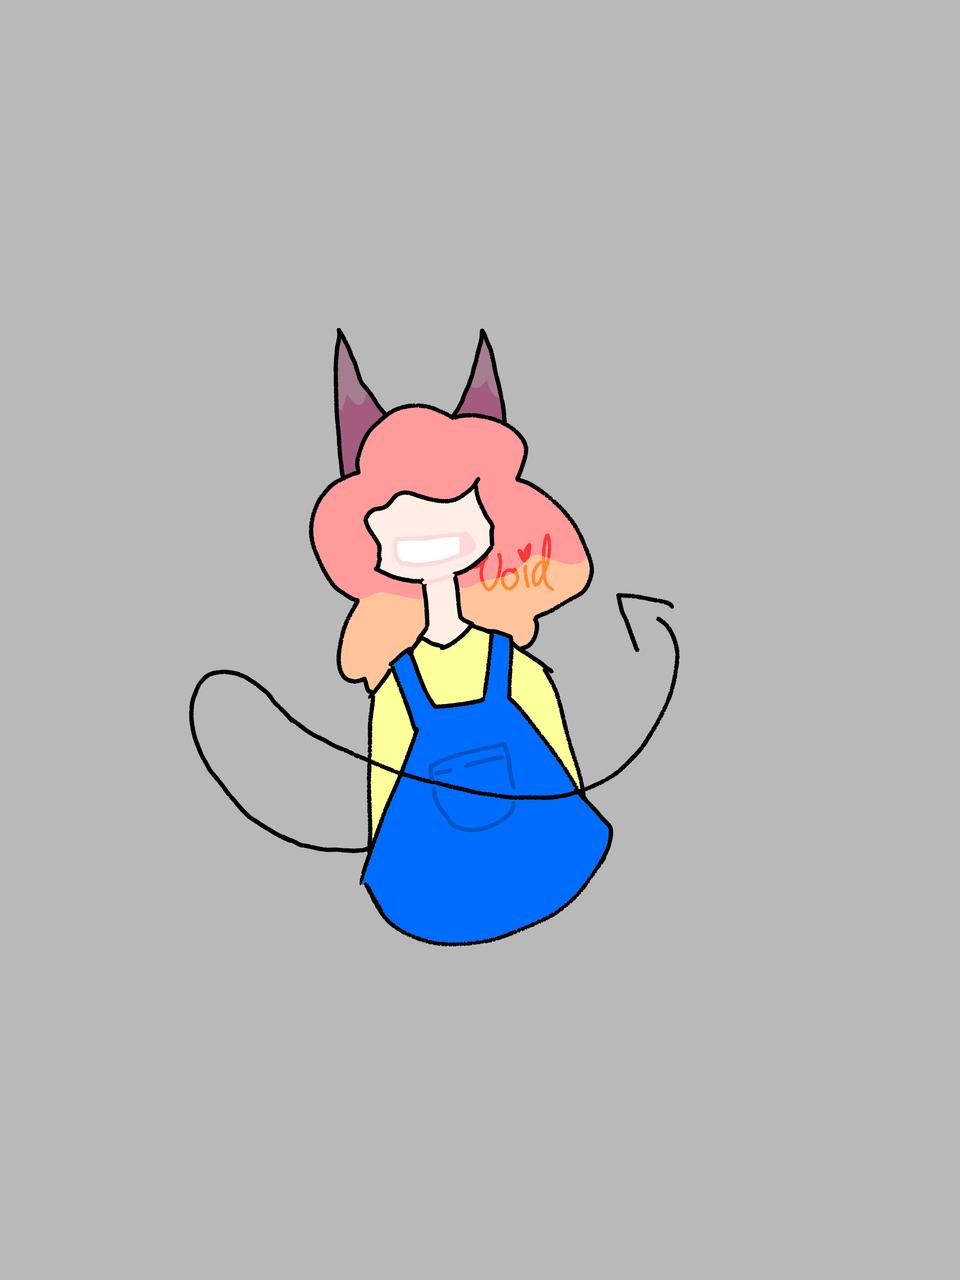 vent [read desc if ya want] Illust of 𝙖𝙣𝙩  𝙫! 𝙗𝙖𝙠𝙪